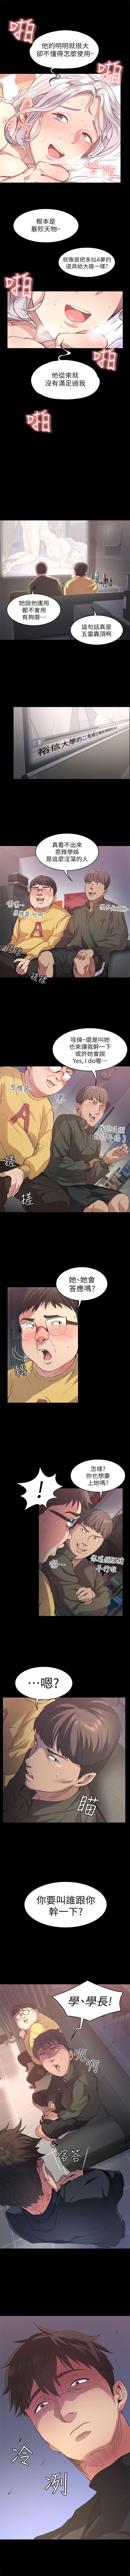 (周2)退货女友 1-23 中文翻译(更新中) 8